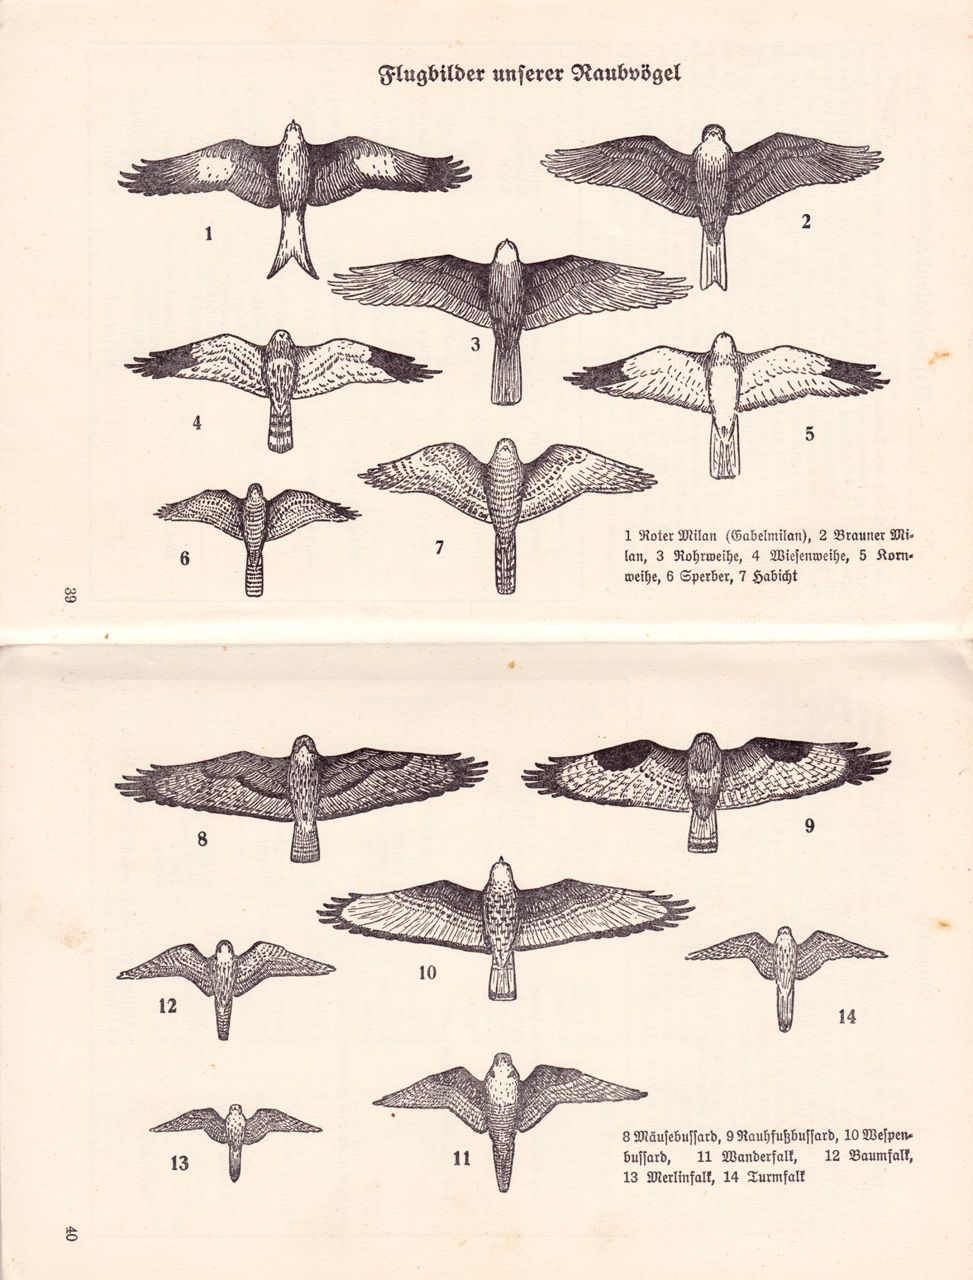 Flugbilder Unserer Raubvogel Aerial Photographs Of Our Birds Of Prey Raubvogel Tiere Bilder